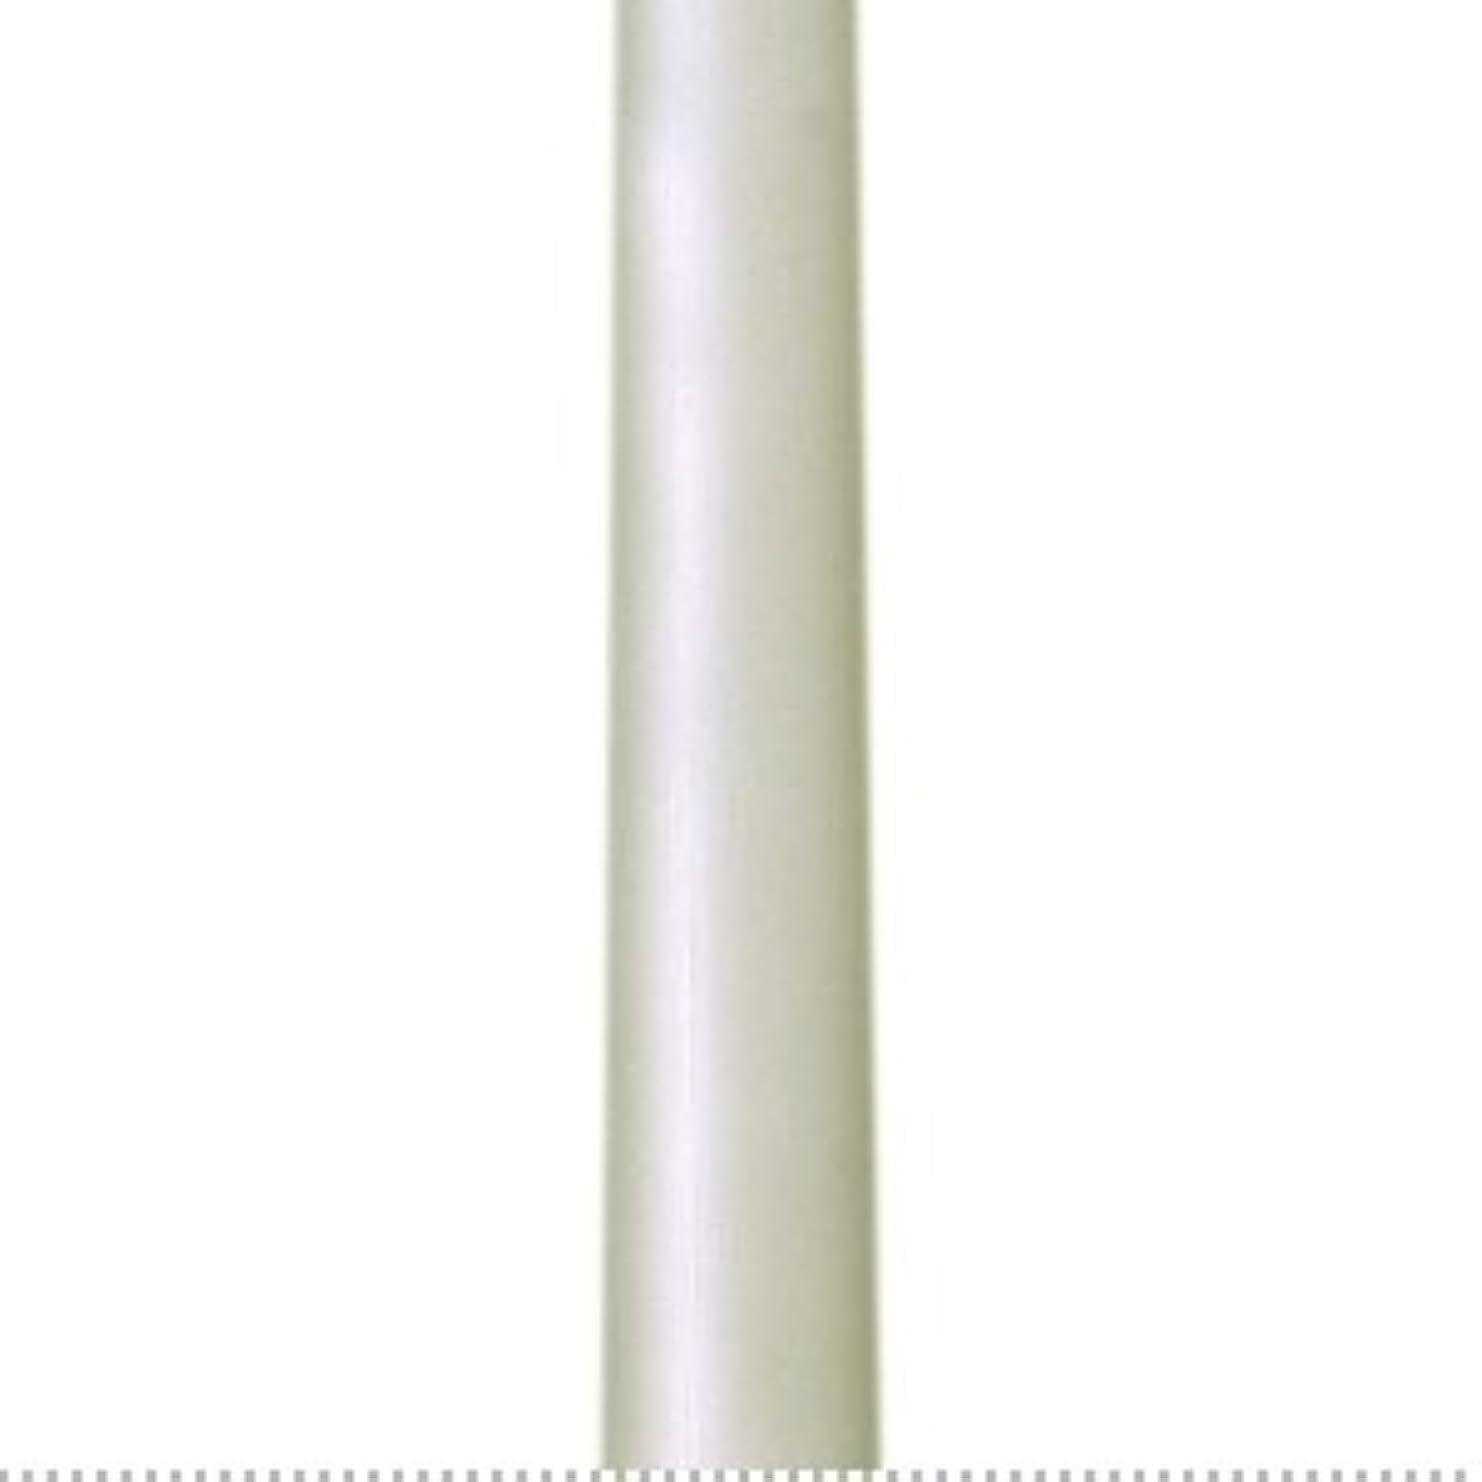 バリーパンチ主にテーパーキャンドル クラッシー ムエット 蝋燭